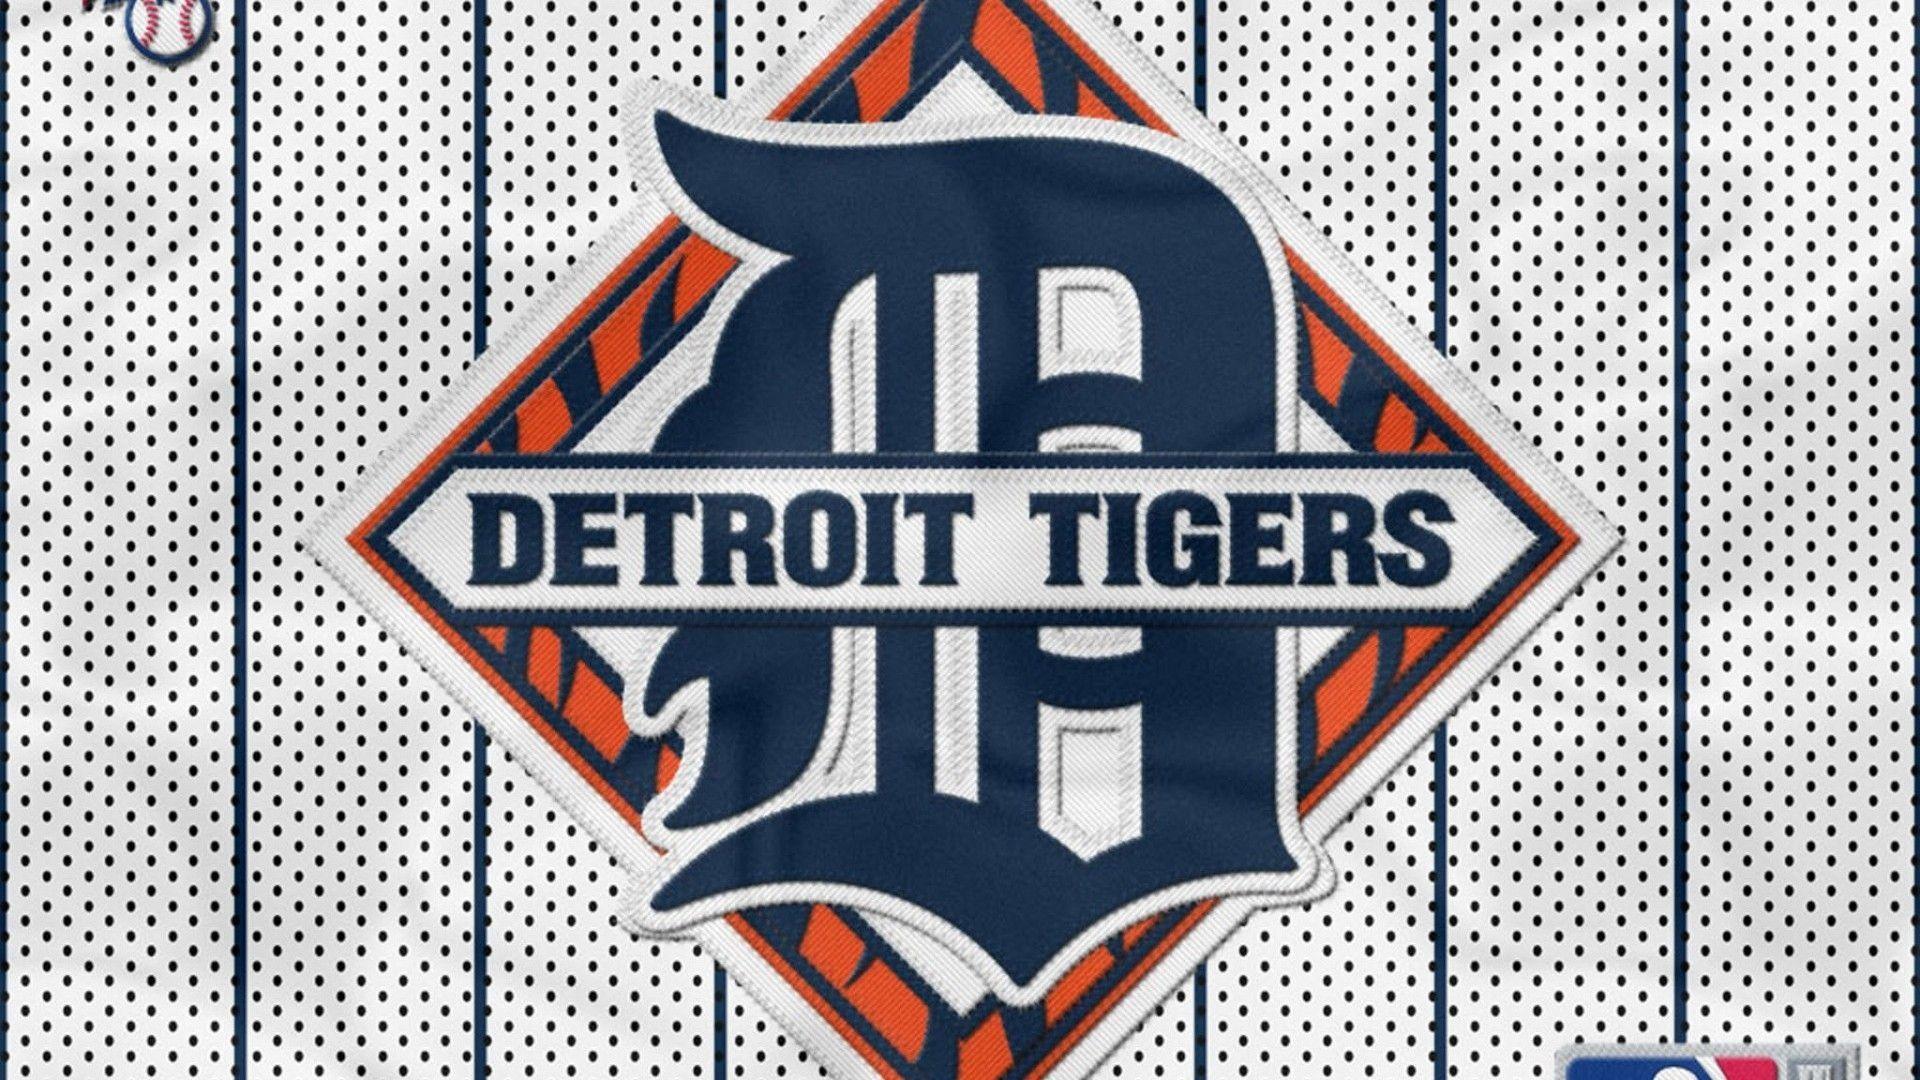 Detroit Tigers Screensaver – wallpaper hd